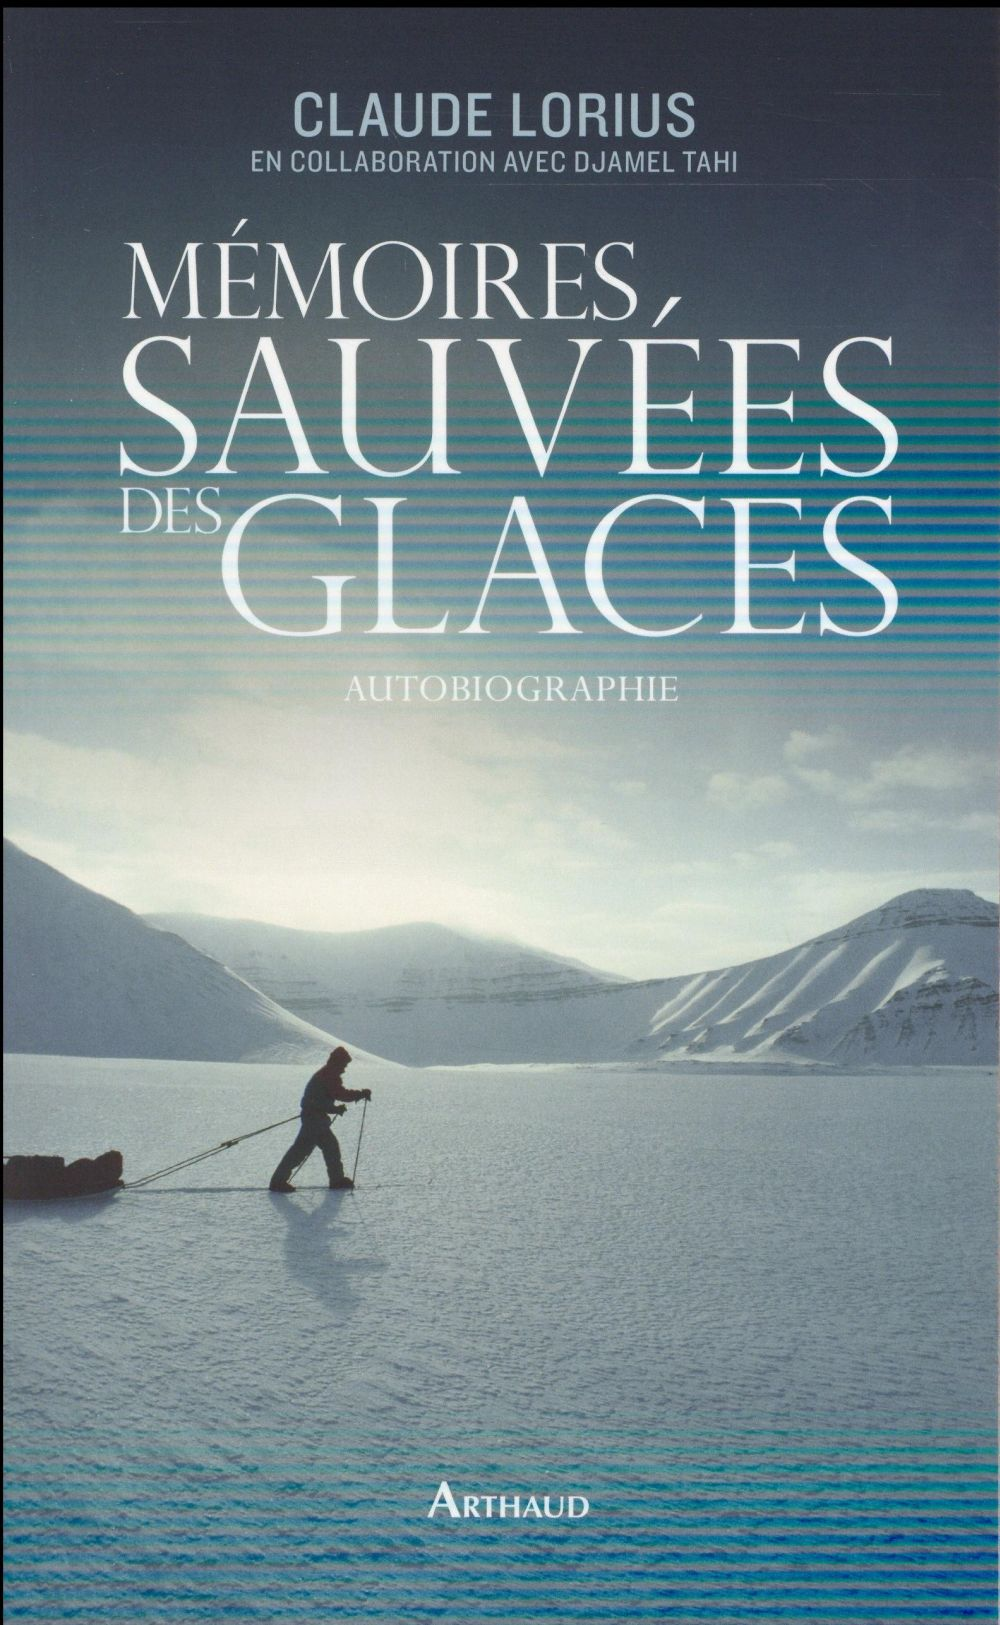 Mémoires sauvées des glaces ; autobiographie